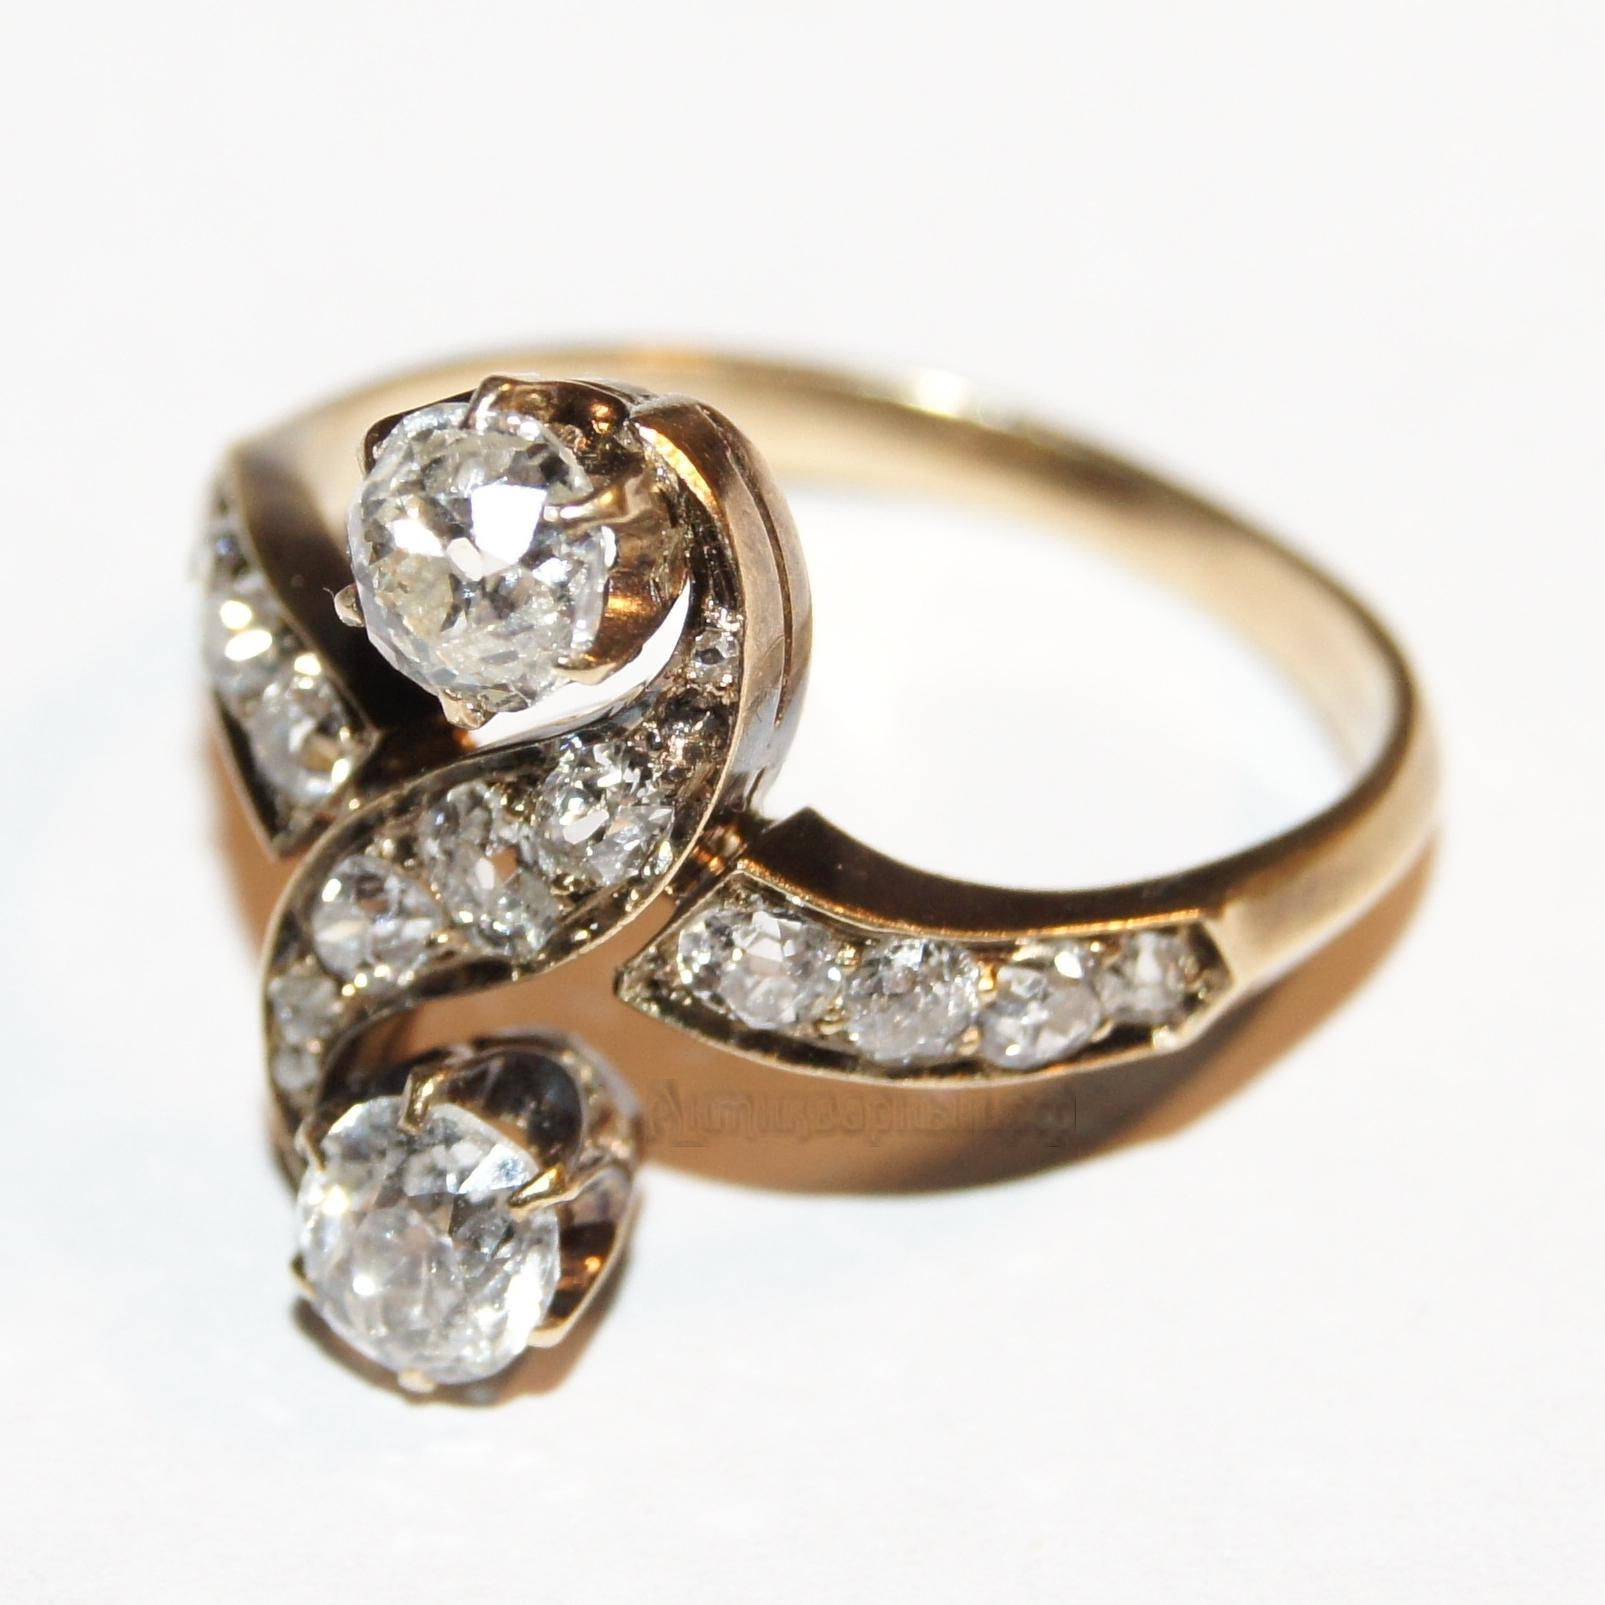 Старинное золотое кольцо с бриллиантами и алмазами